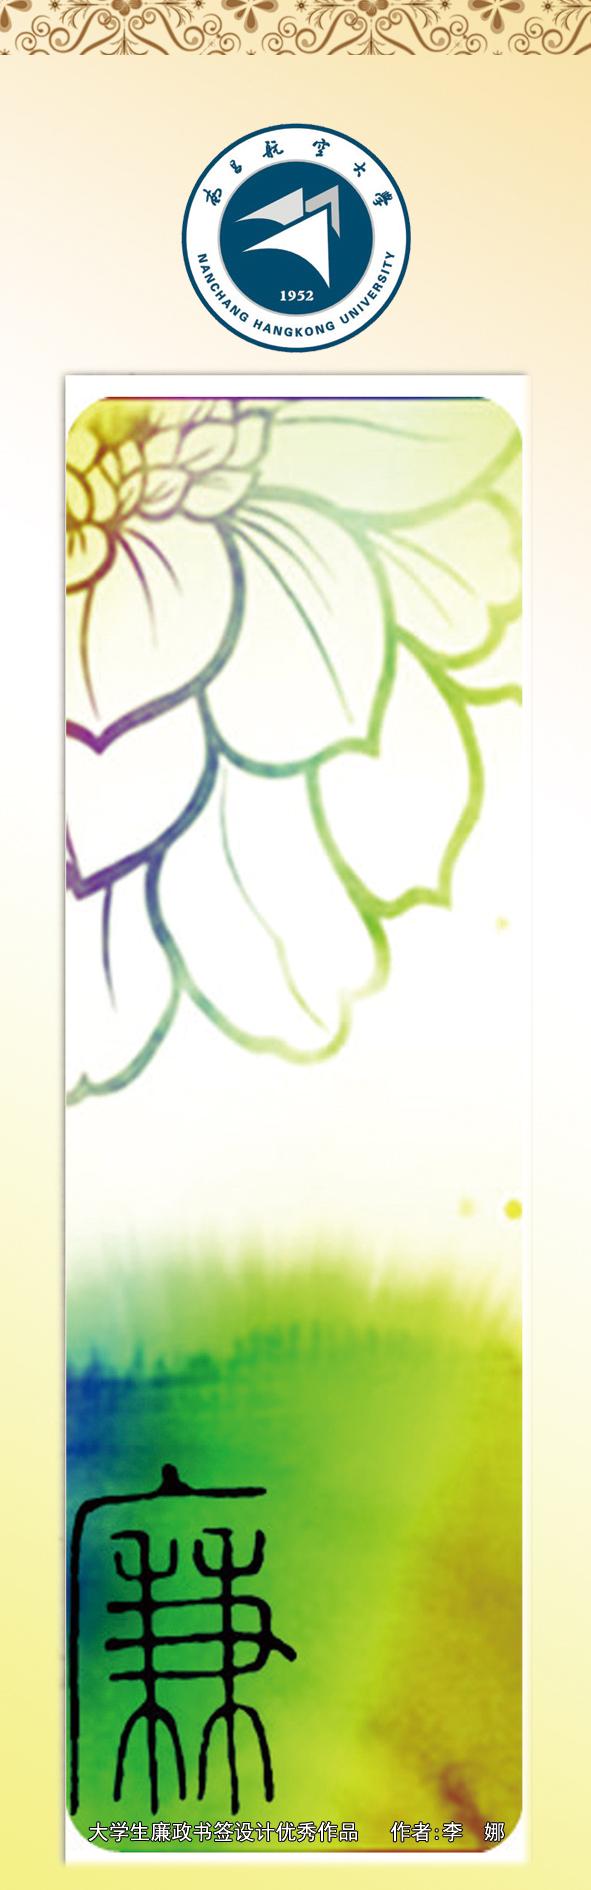 原创作品:书签设计图片